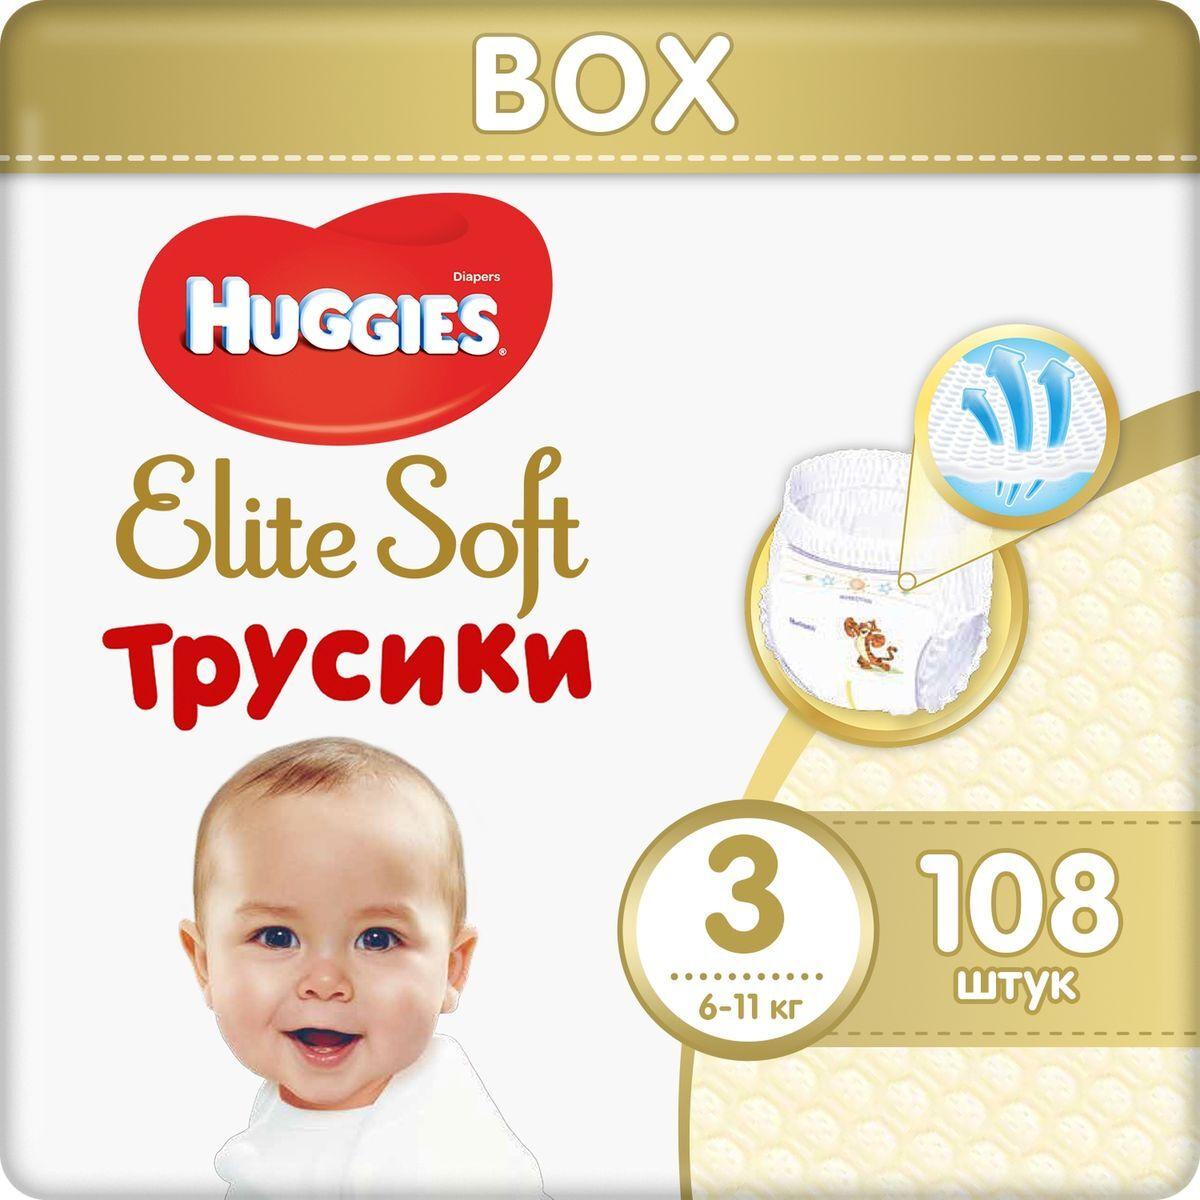 Huggies Подгузники-трусики Elite Soft 6-11 кг (размер 3) 108 шт #1